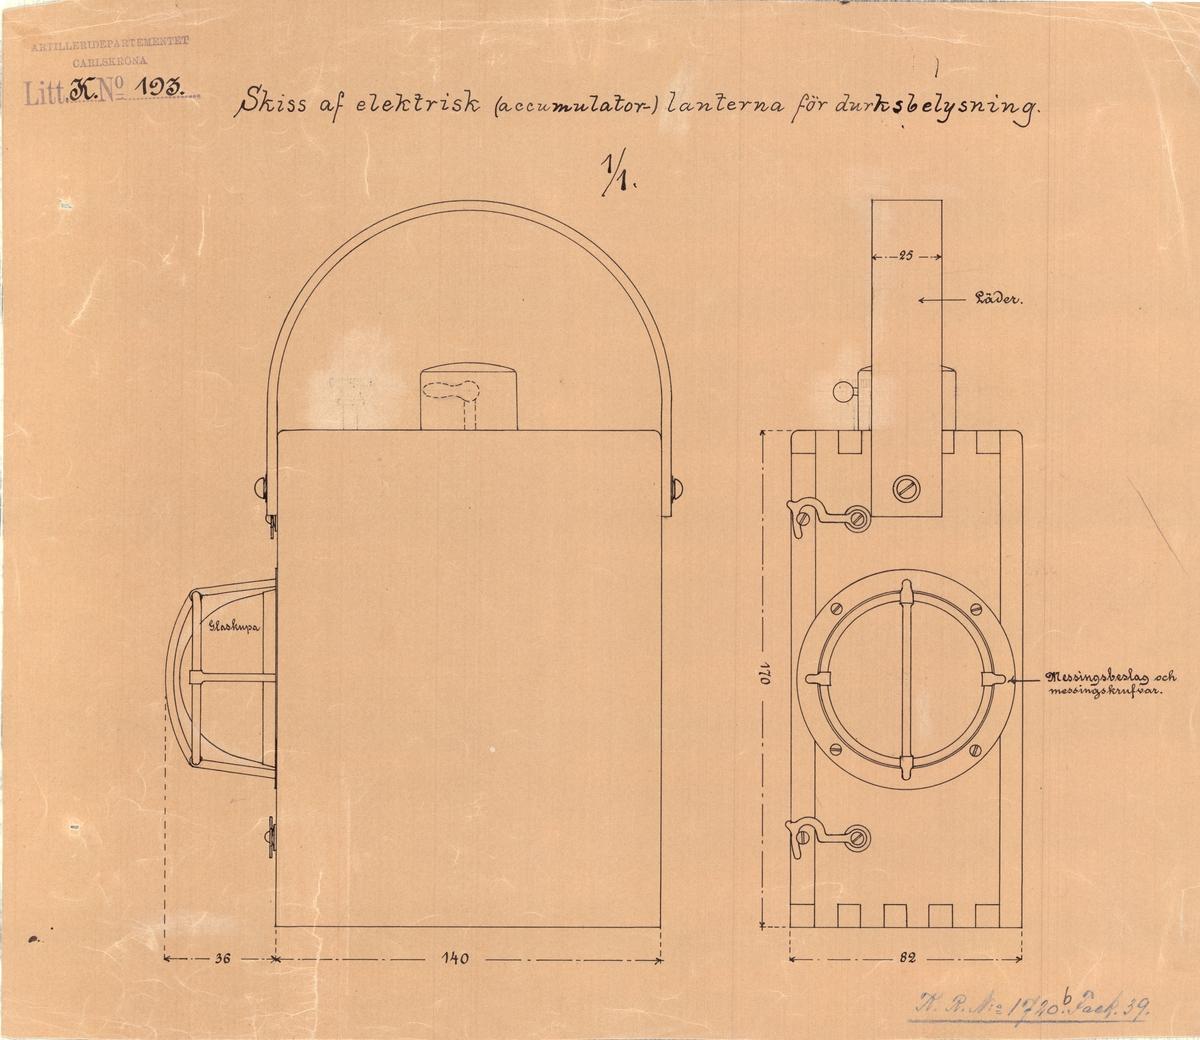 Skiss av elektrisk (accumulator-) lanterna för durksbelysning.